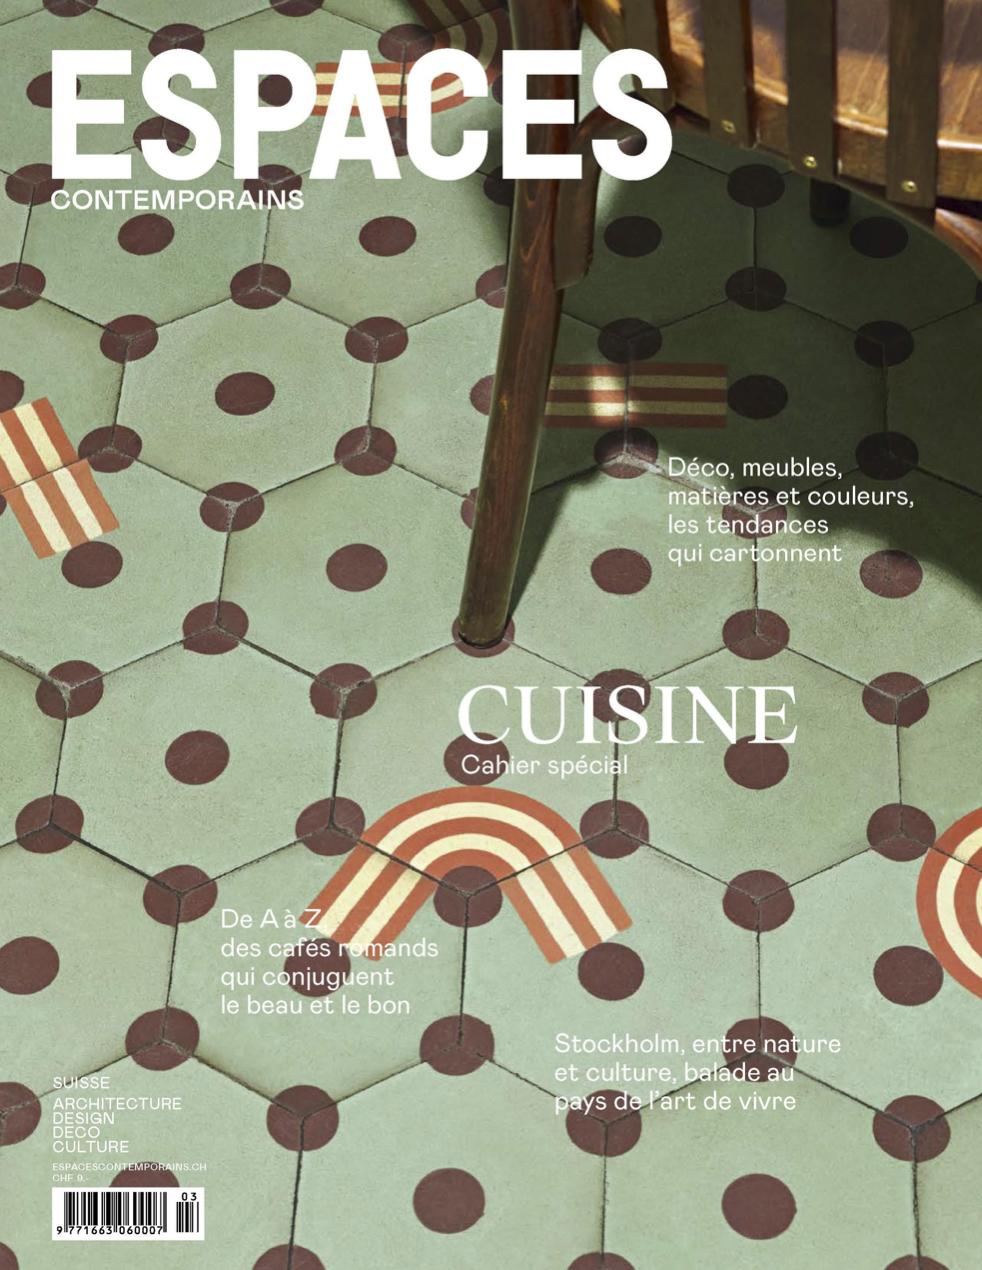 Espace Contemporains - Das wichtigste und grösste Magazine in der französischen Schweiz über Architektur, Design, Innenarchitektur sowie zeitgenössischer Kunst.